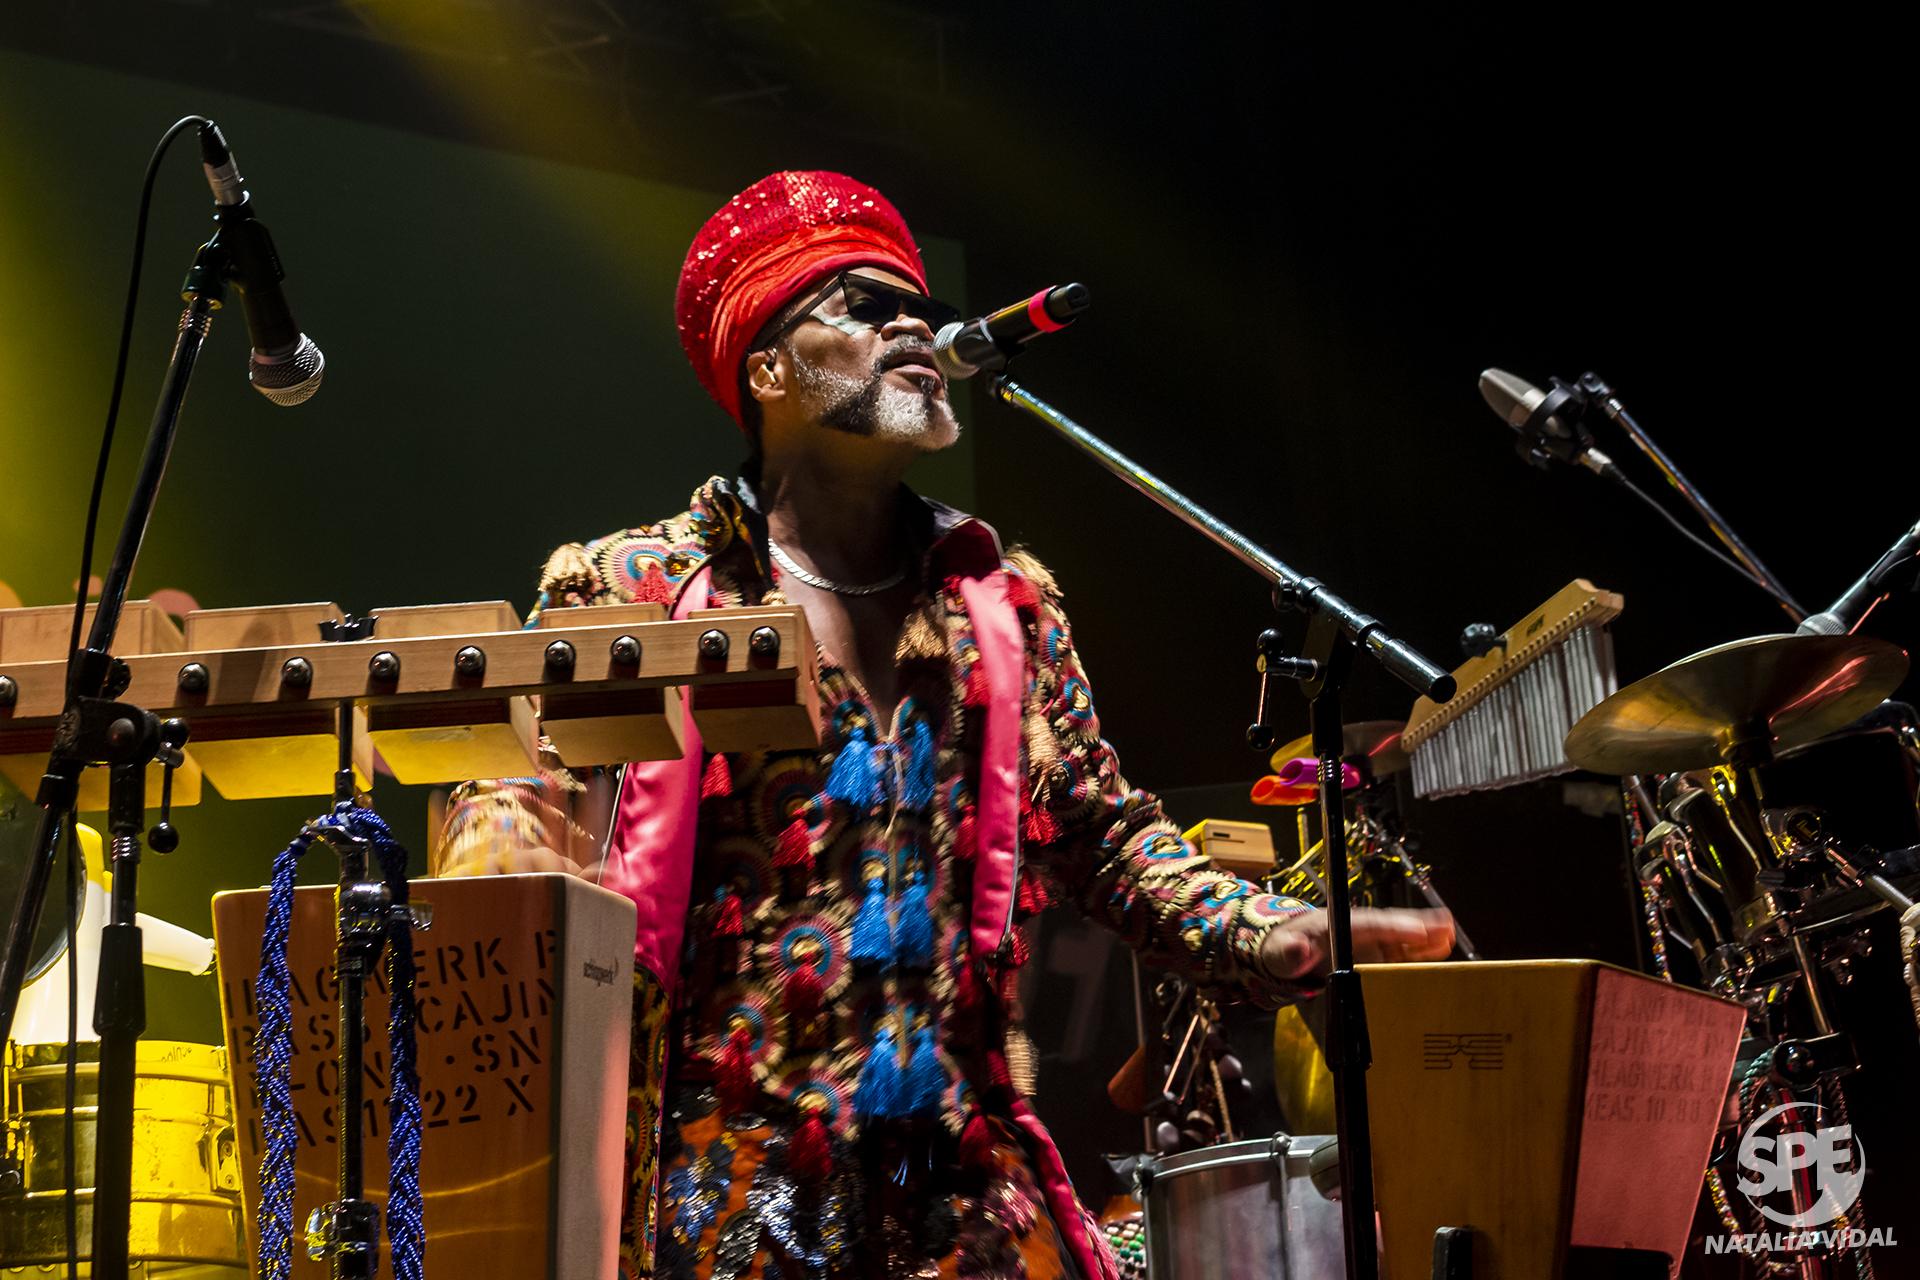 TRIBALISTAS - 23.03.2019 @ LUNA PARKLa banda brasilera visitó la Argentina en su primera y única visita, deleitando con ritmos caribeños a una audiencia que supo disfrutar lo mejor de Brazil.